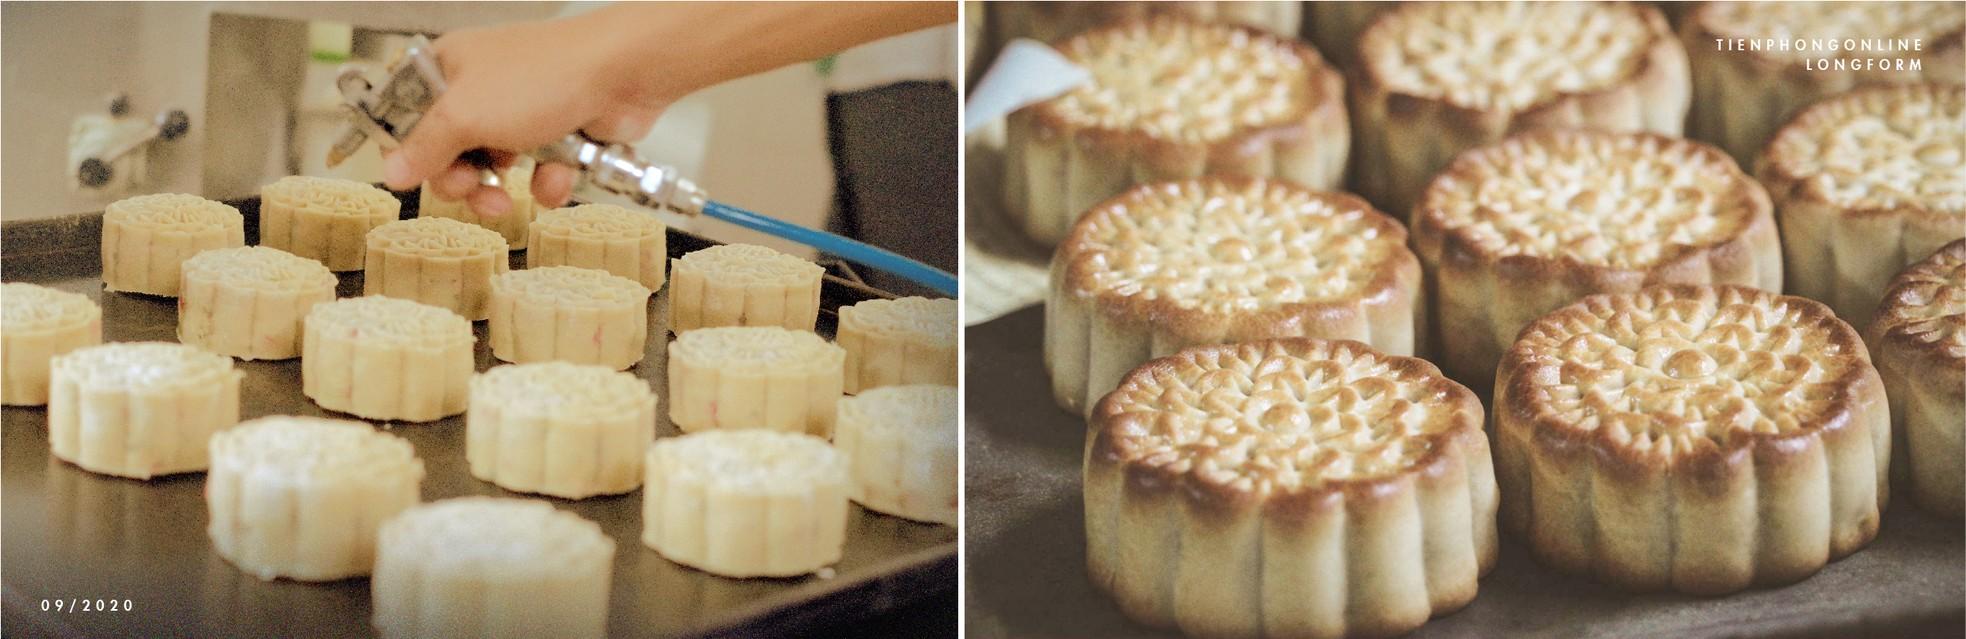 Đi tìm hương vị của bánh trung thu cổ truyền tại làng nghề hơn 100 năm tuổi ảnh 12